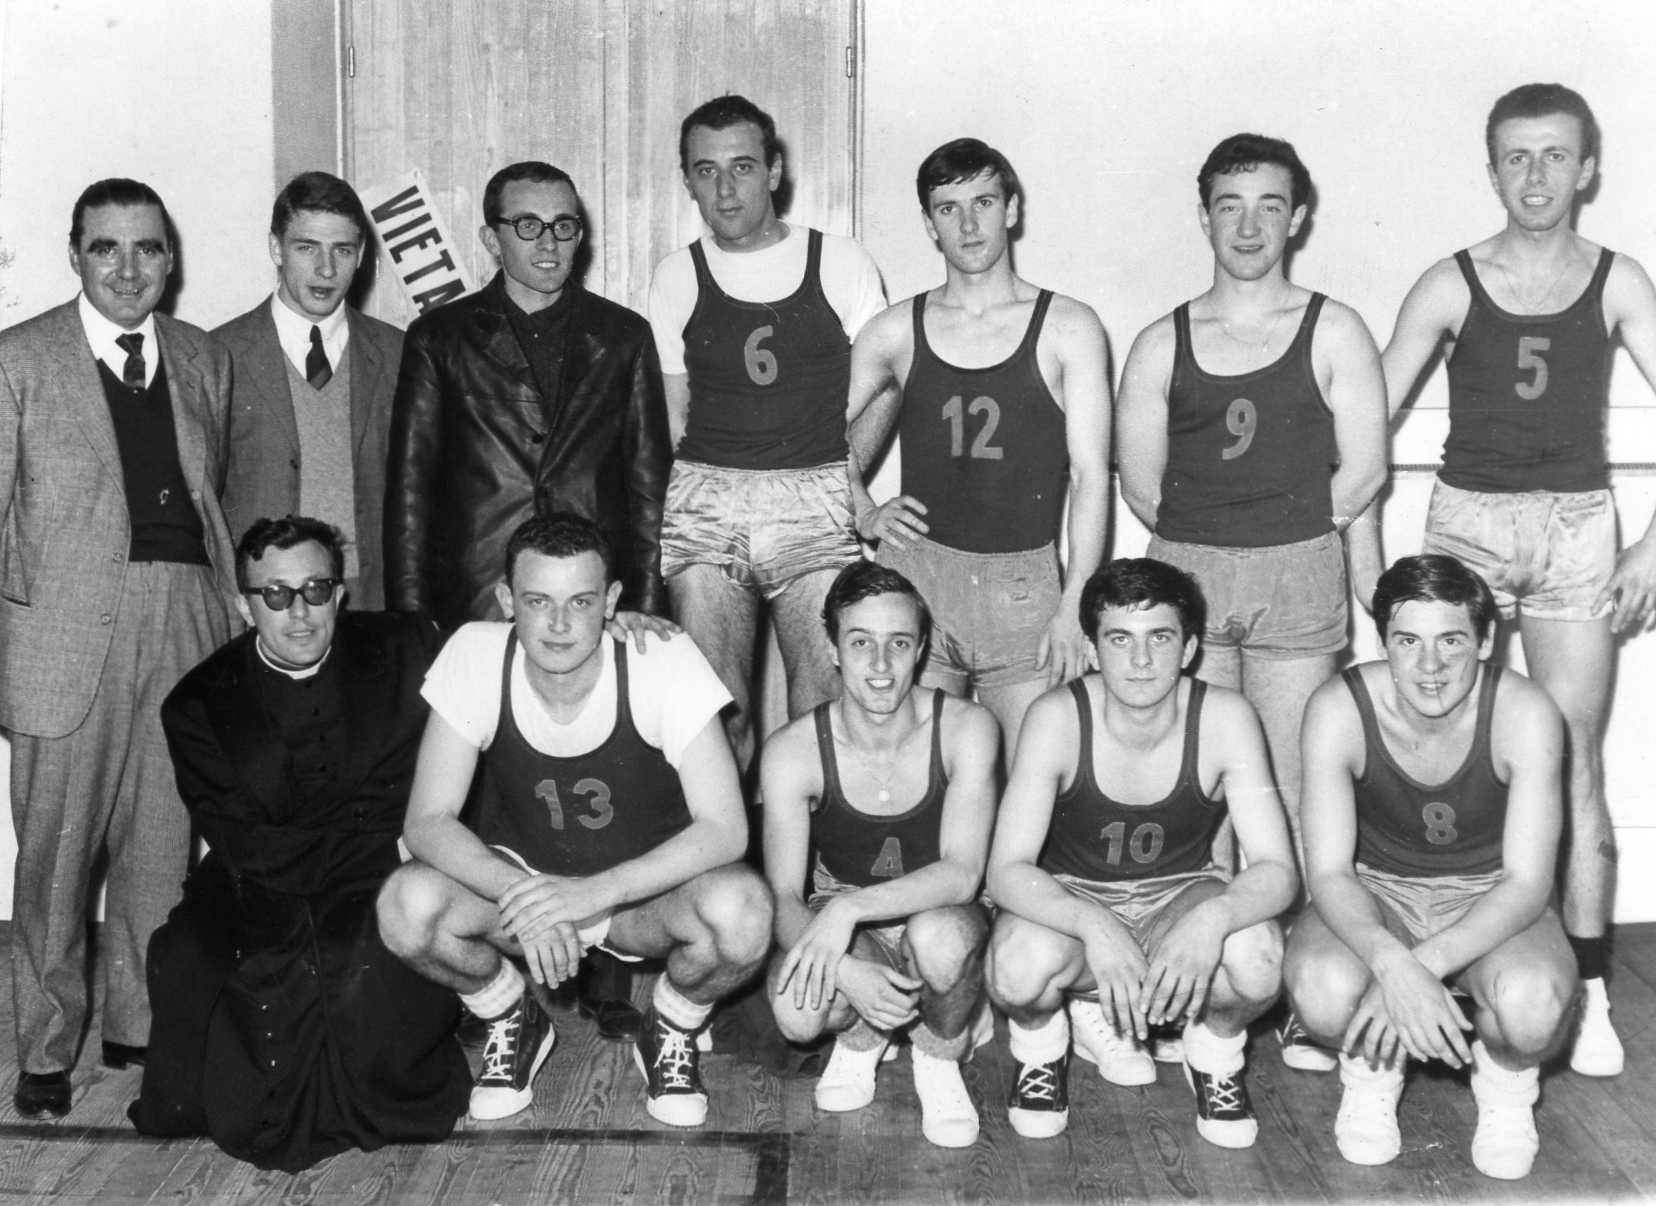 camp-to-juniores-1963-1964